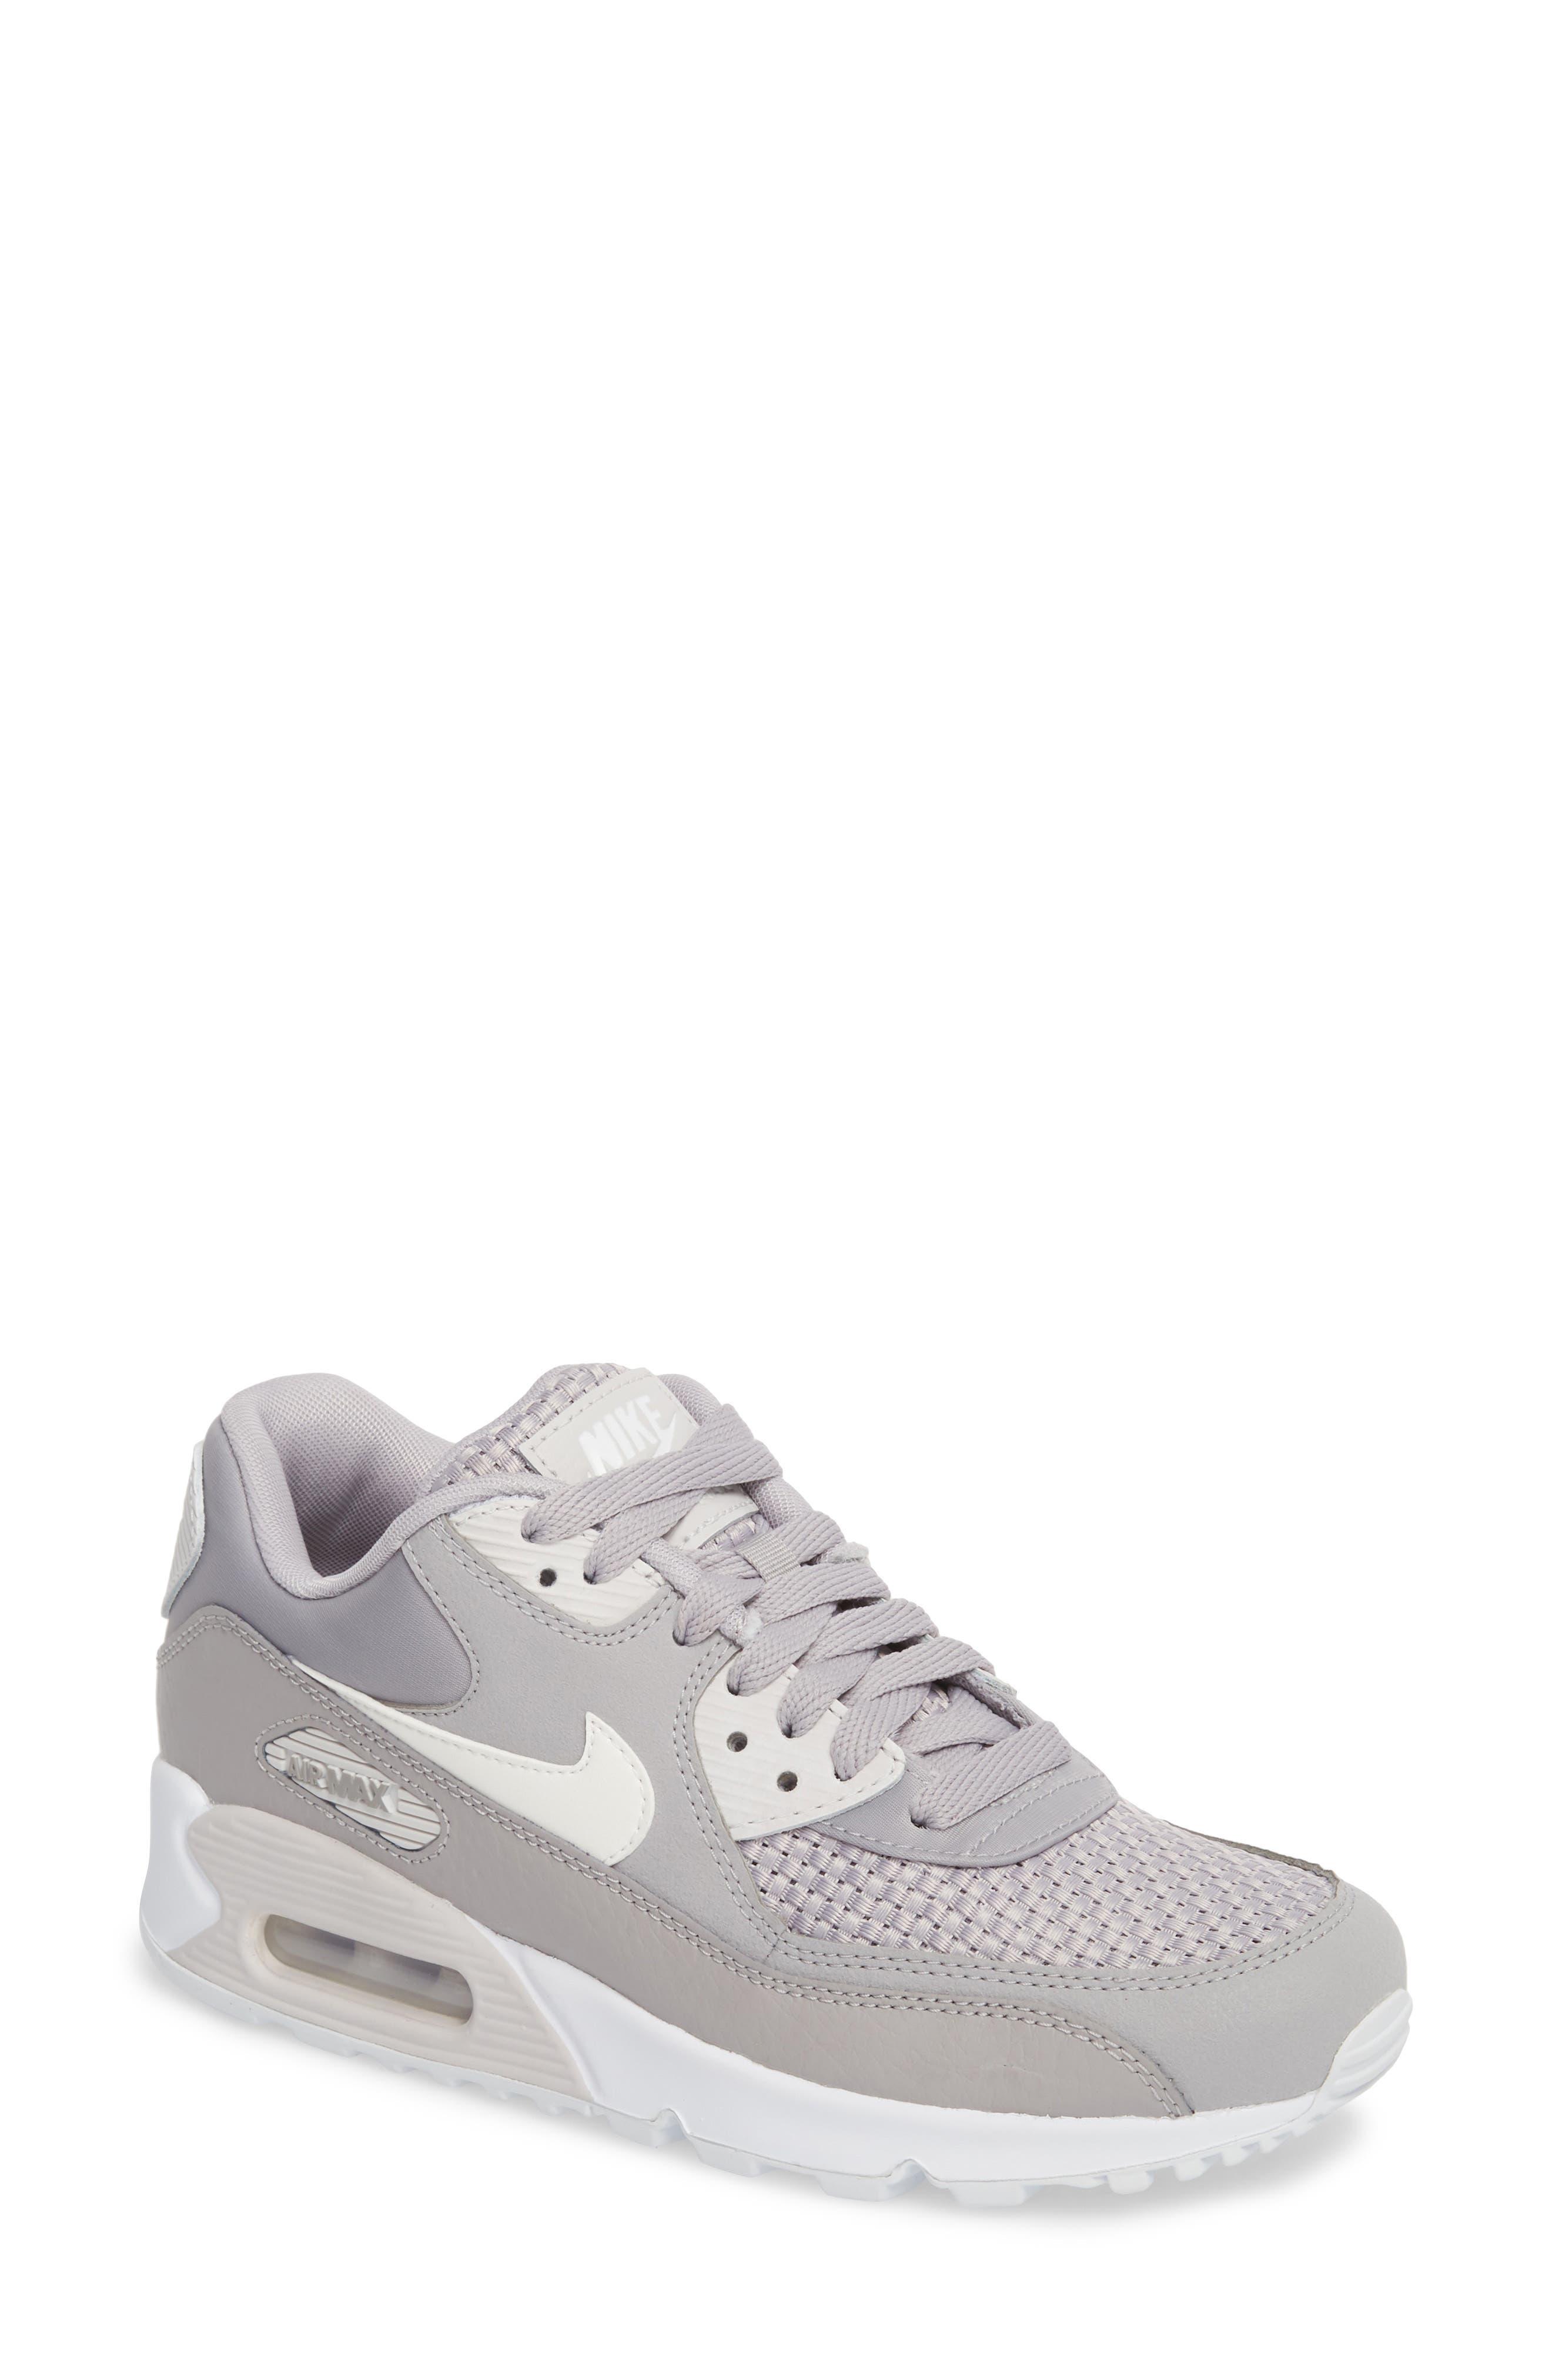 Air Max 90 SE Sneaker,                         Main,                         color,